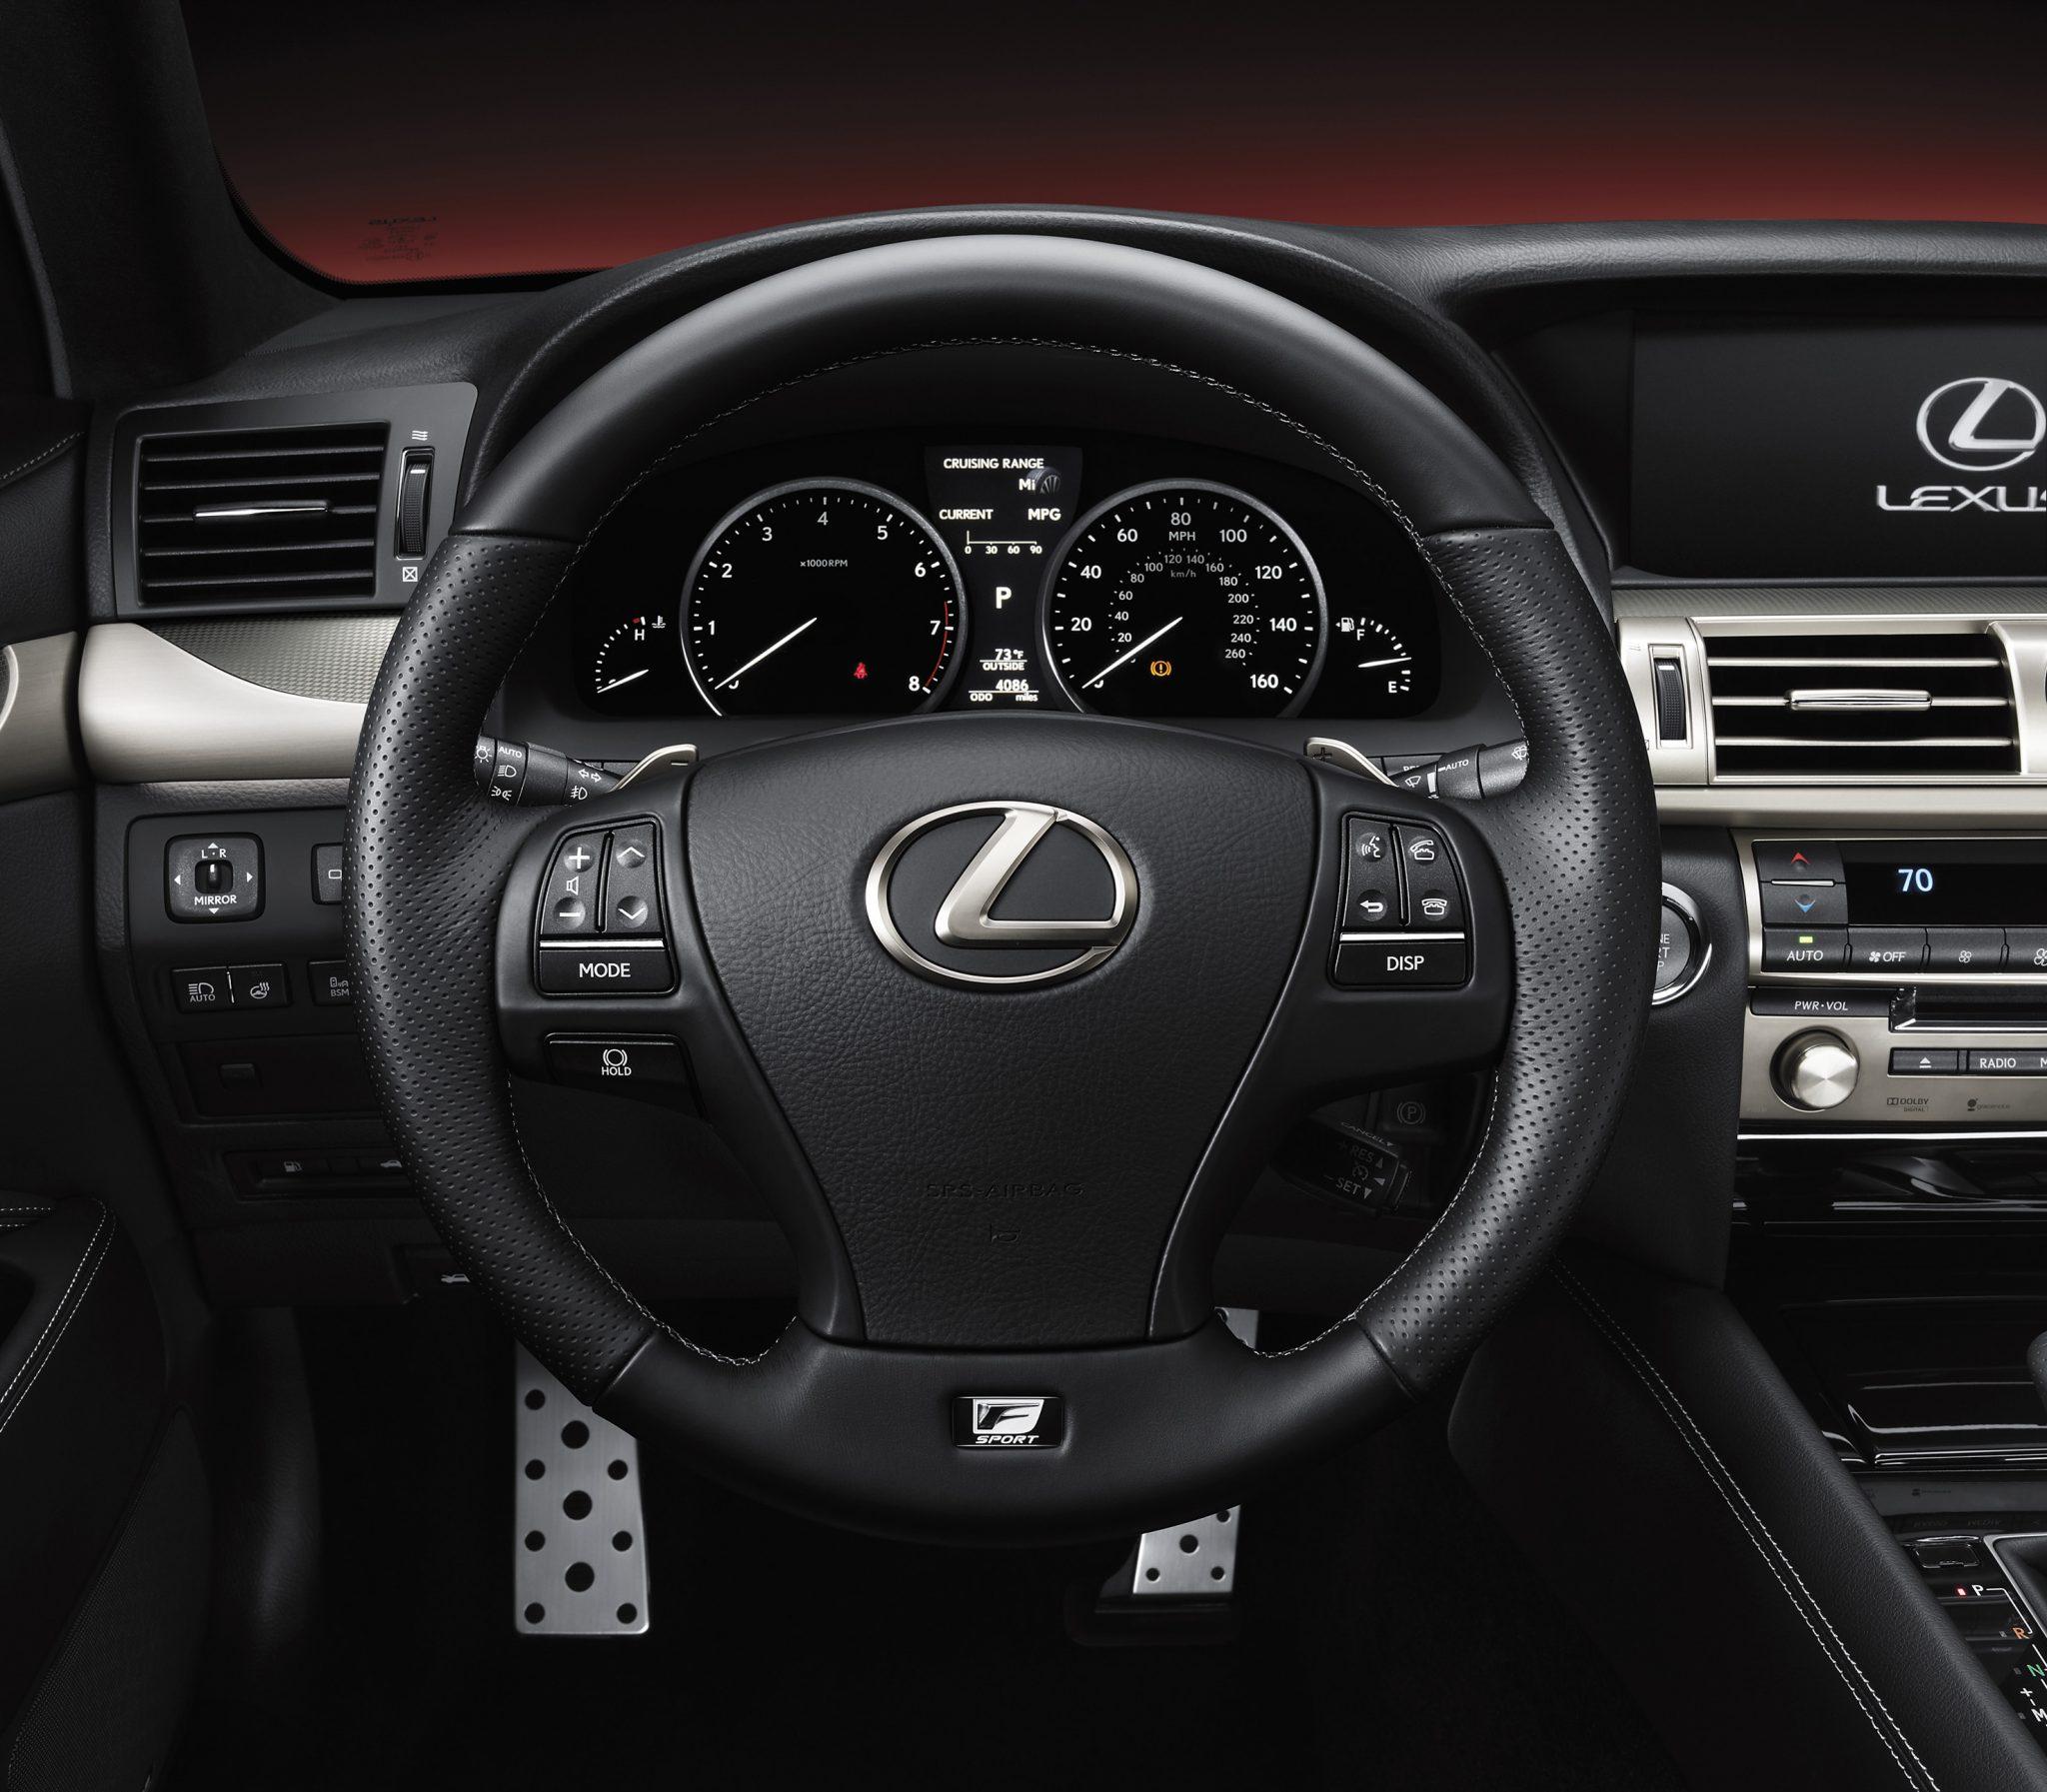 2013 Lexus Es Interior: 2013 Lexus LS Range Unveiled